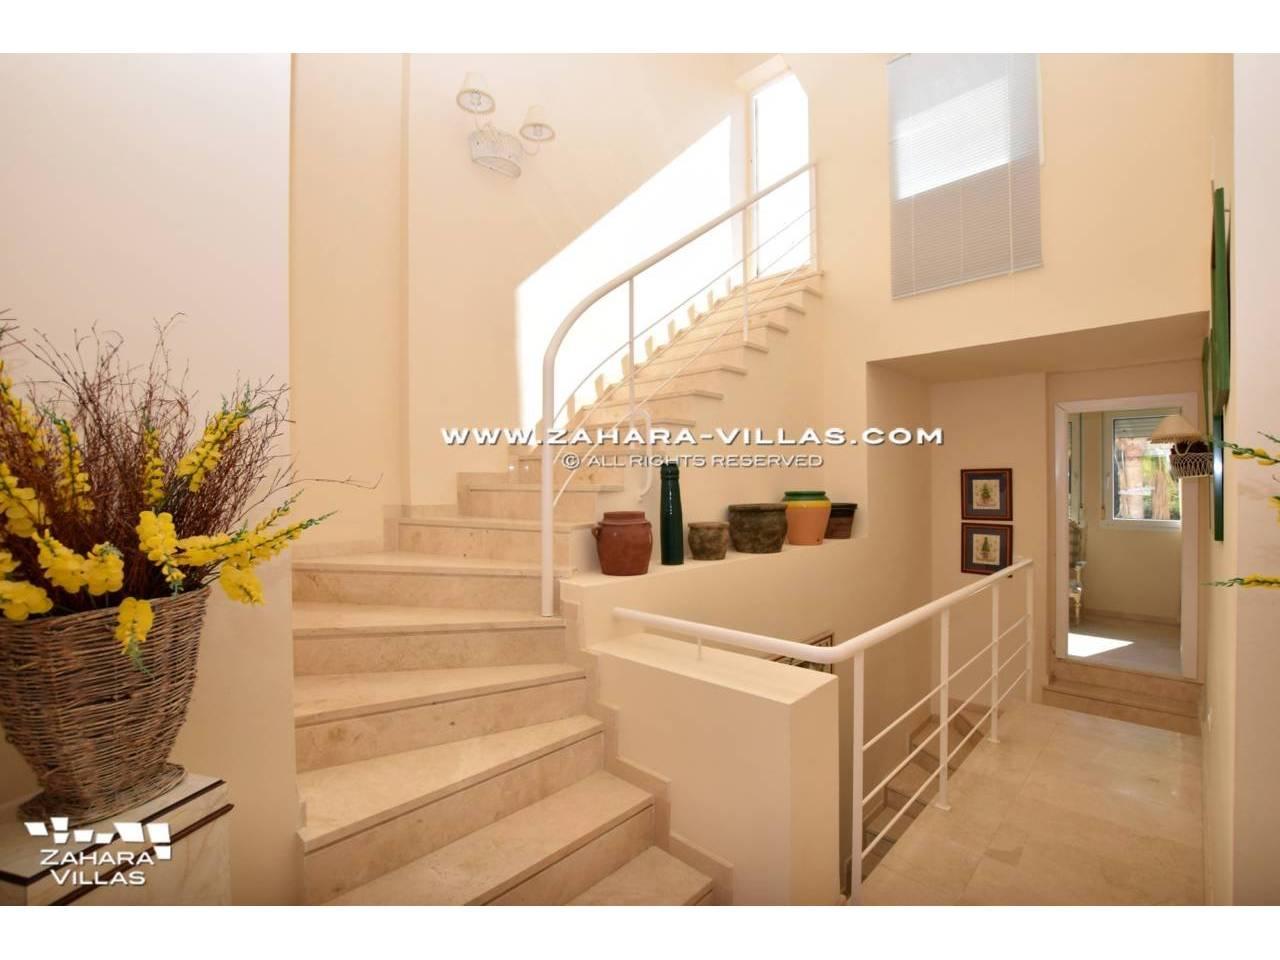 Imagen 11 de Duplex zu verkaufen in Urb. Costa Zahara